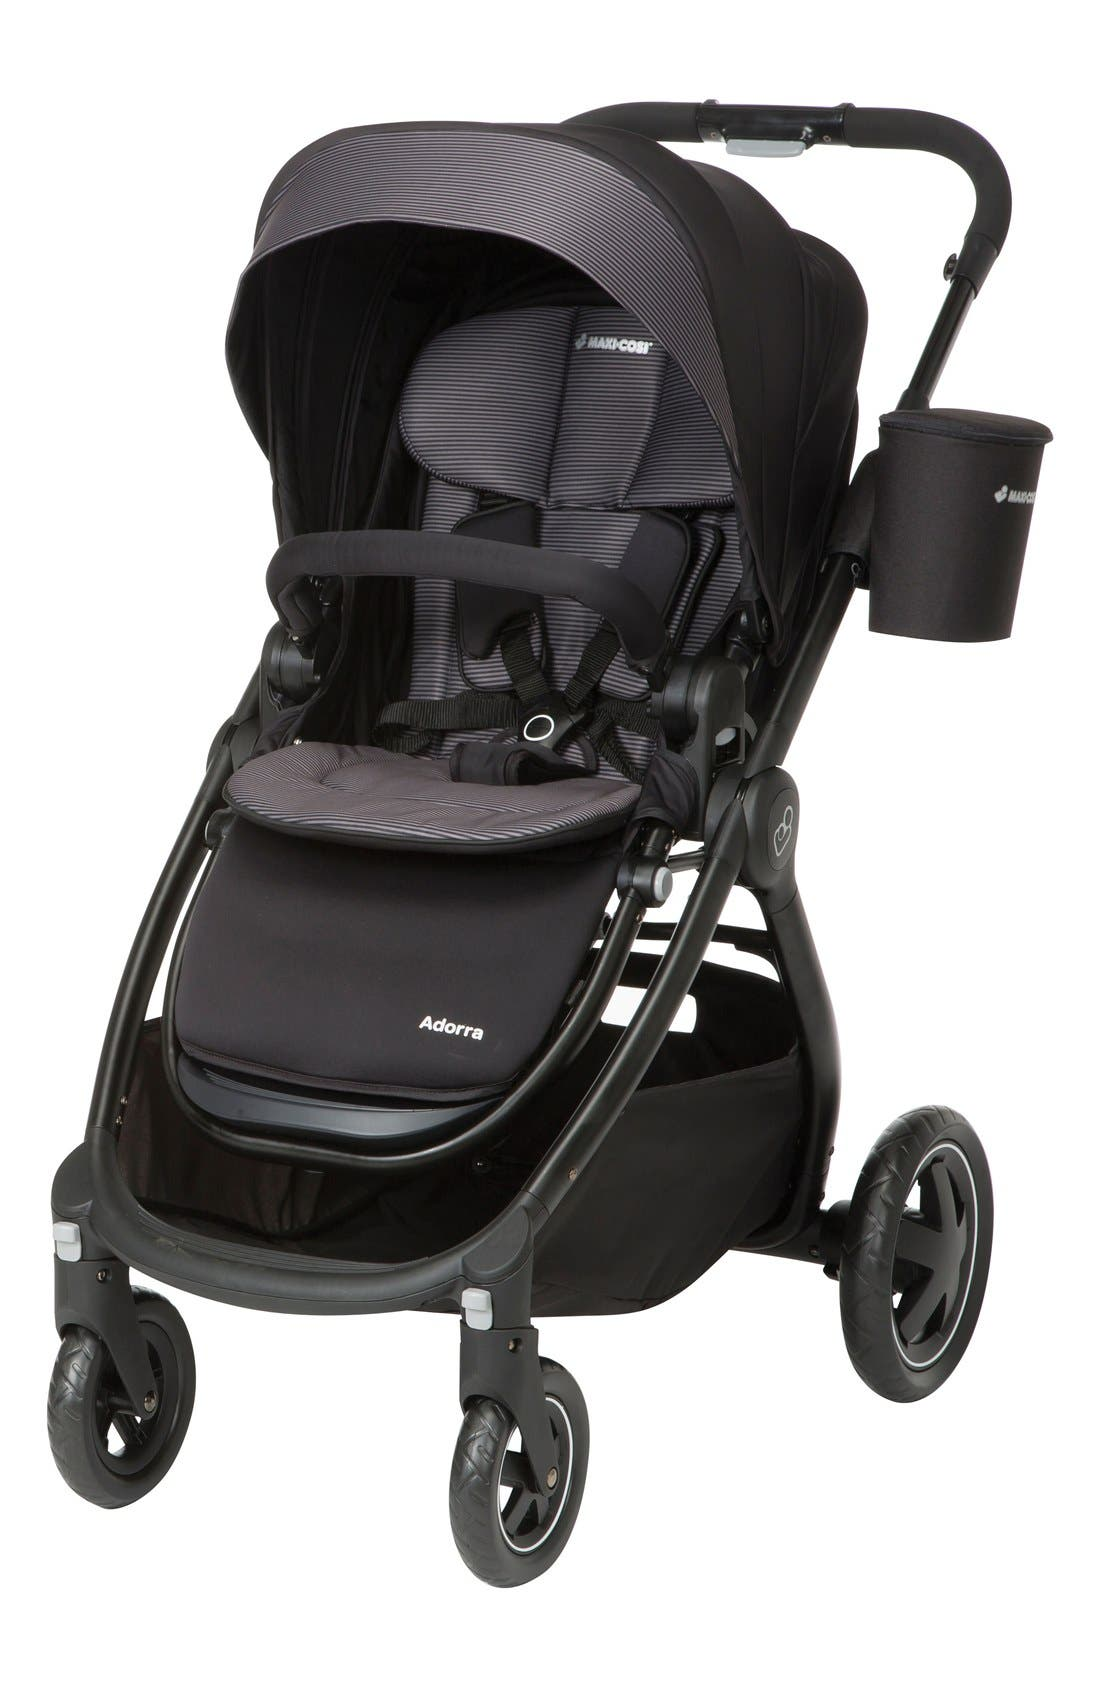 Main Image - Maxi-Cosi® Adorra Stroller